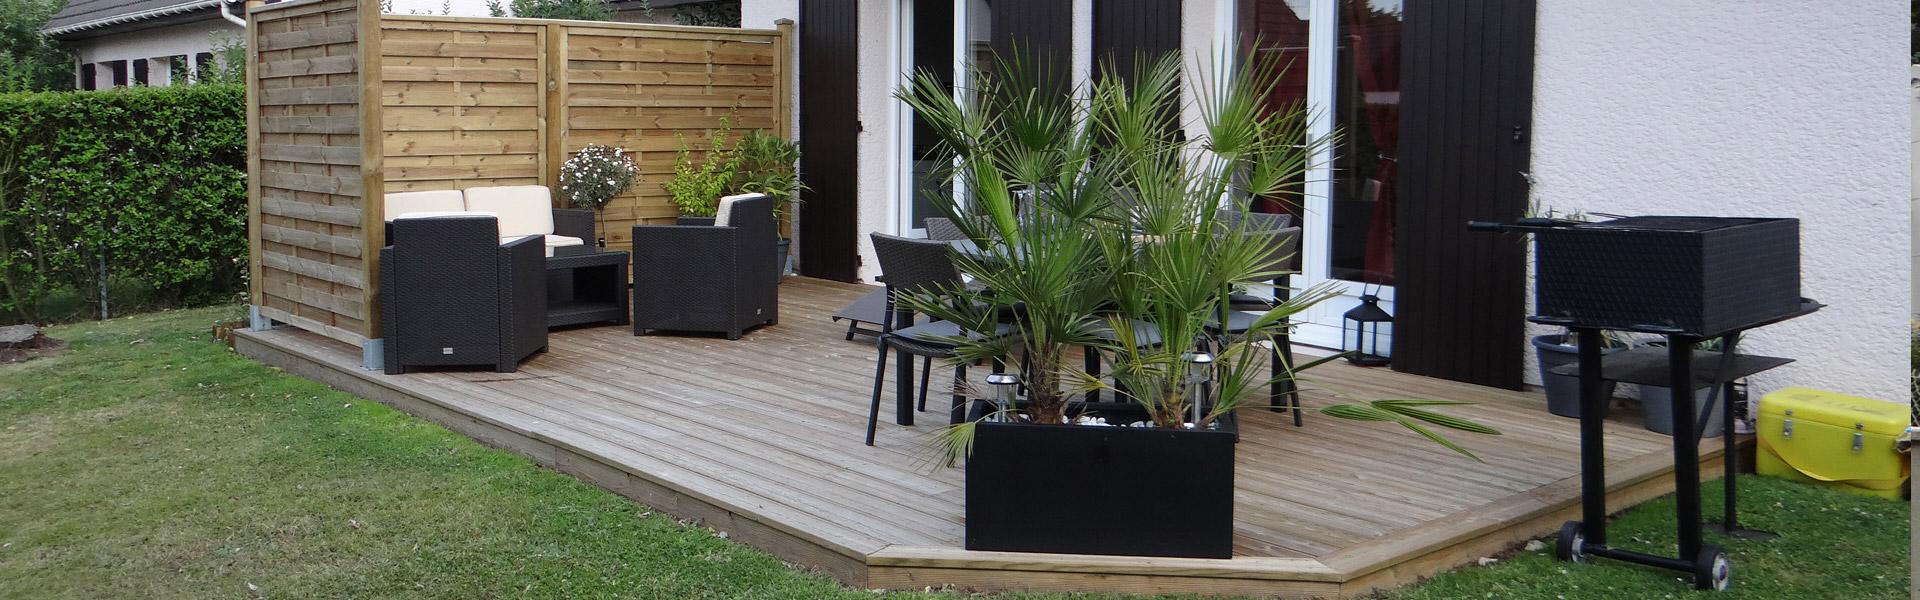 terrasse-menuiserie-mouquet